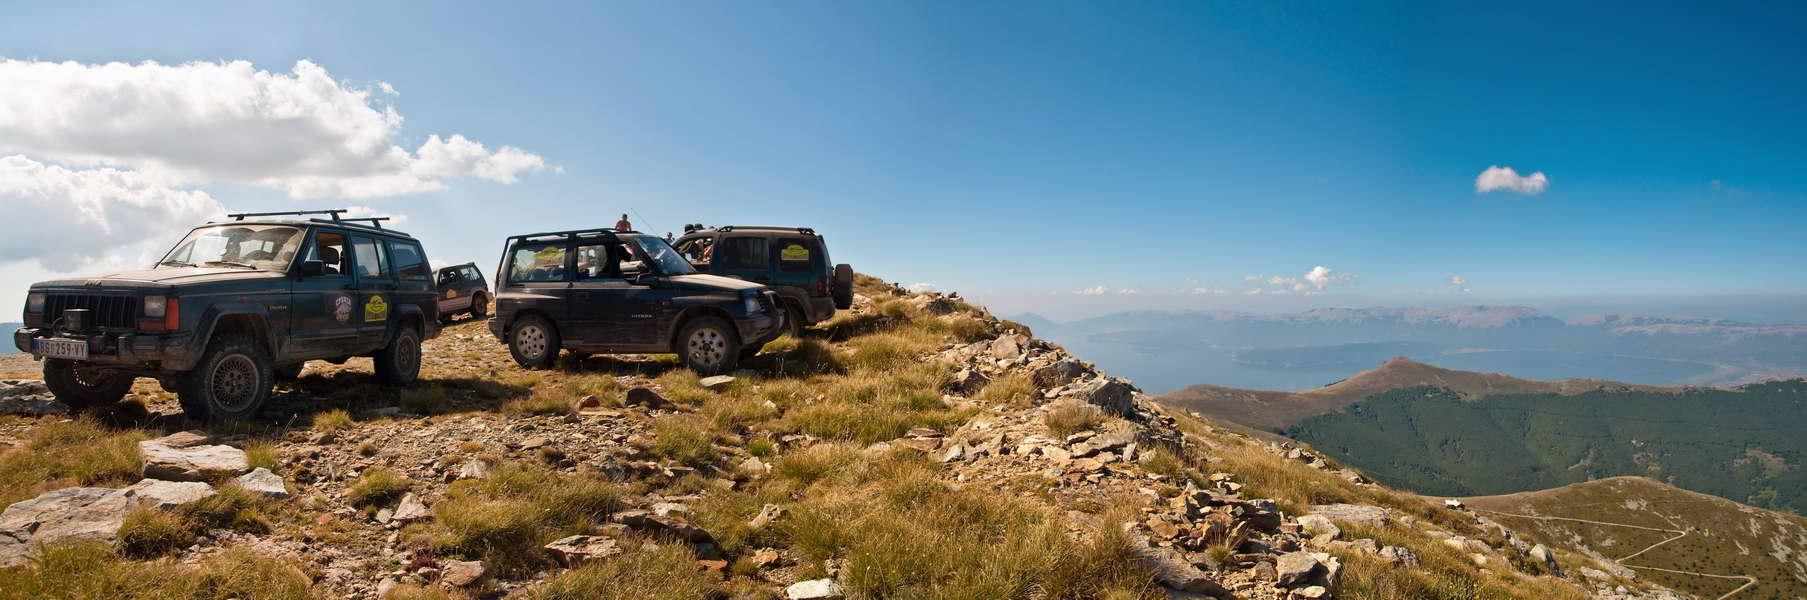 Pelister, 2601 m - je li vaš Jeep bio na većoj visini?